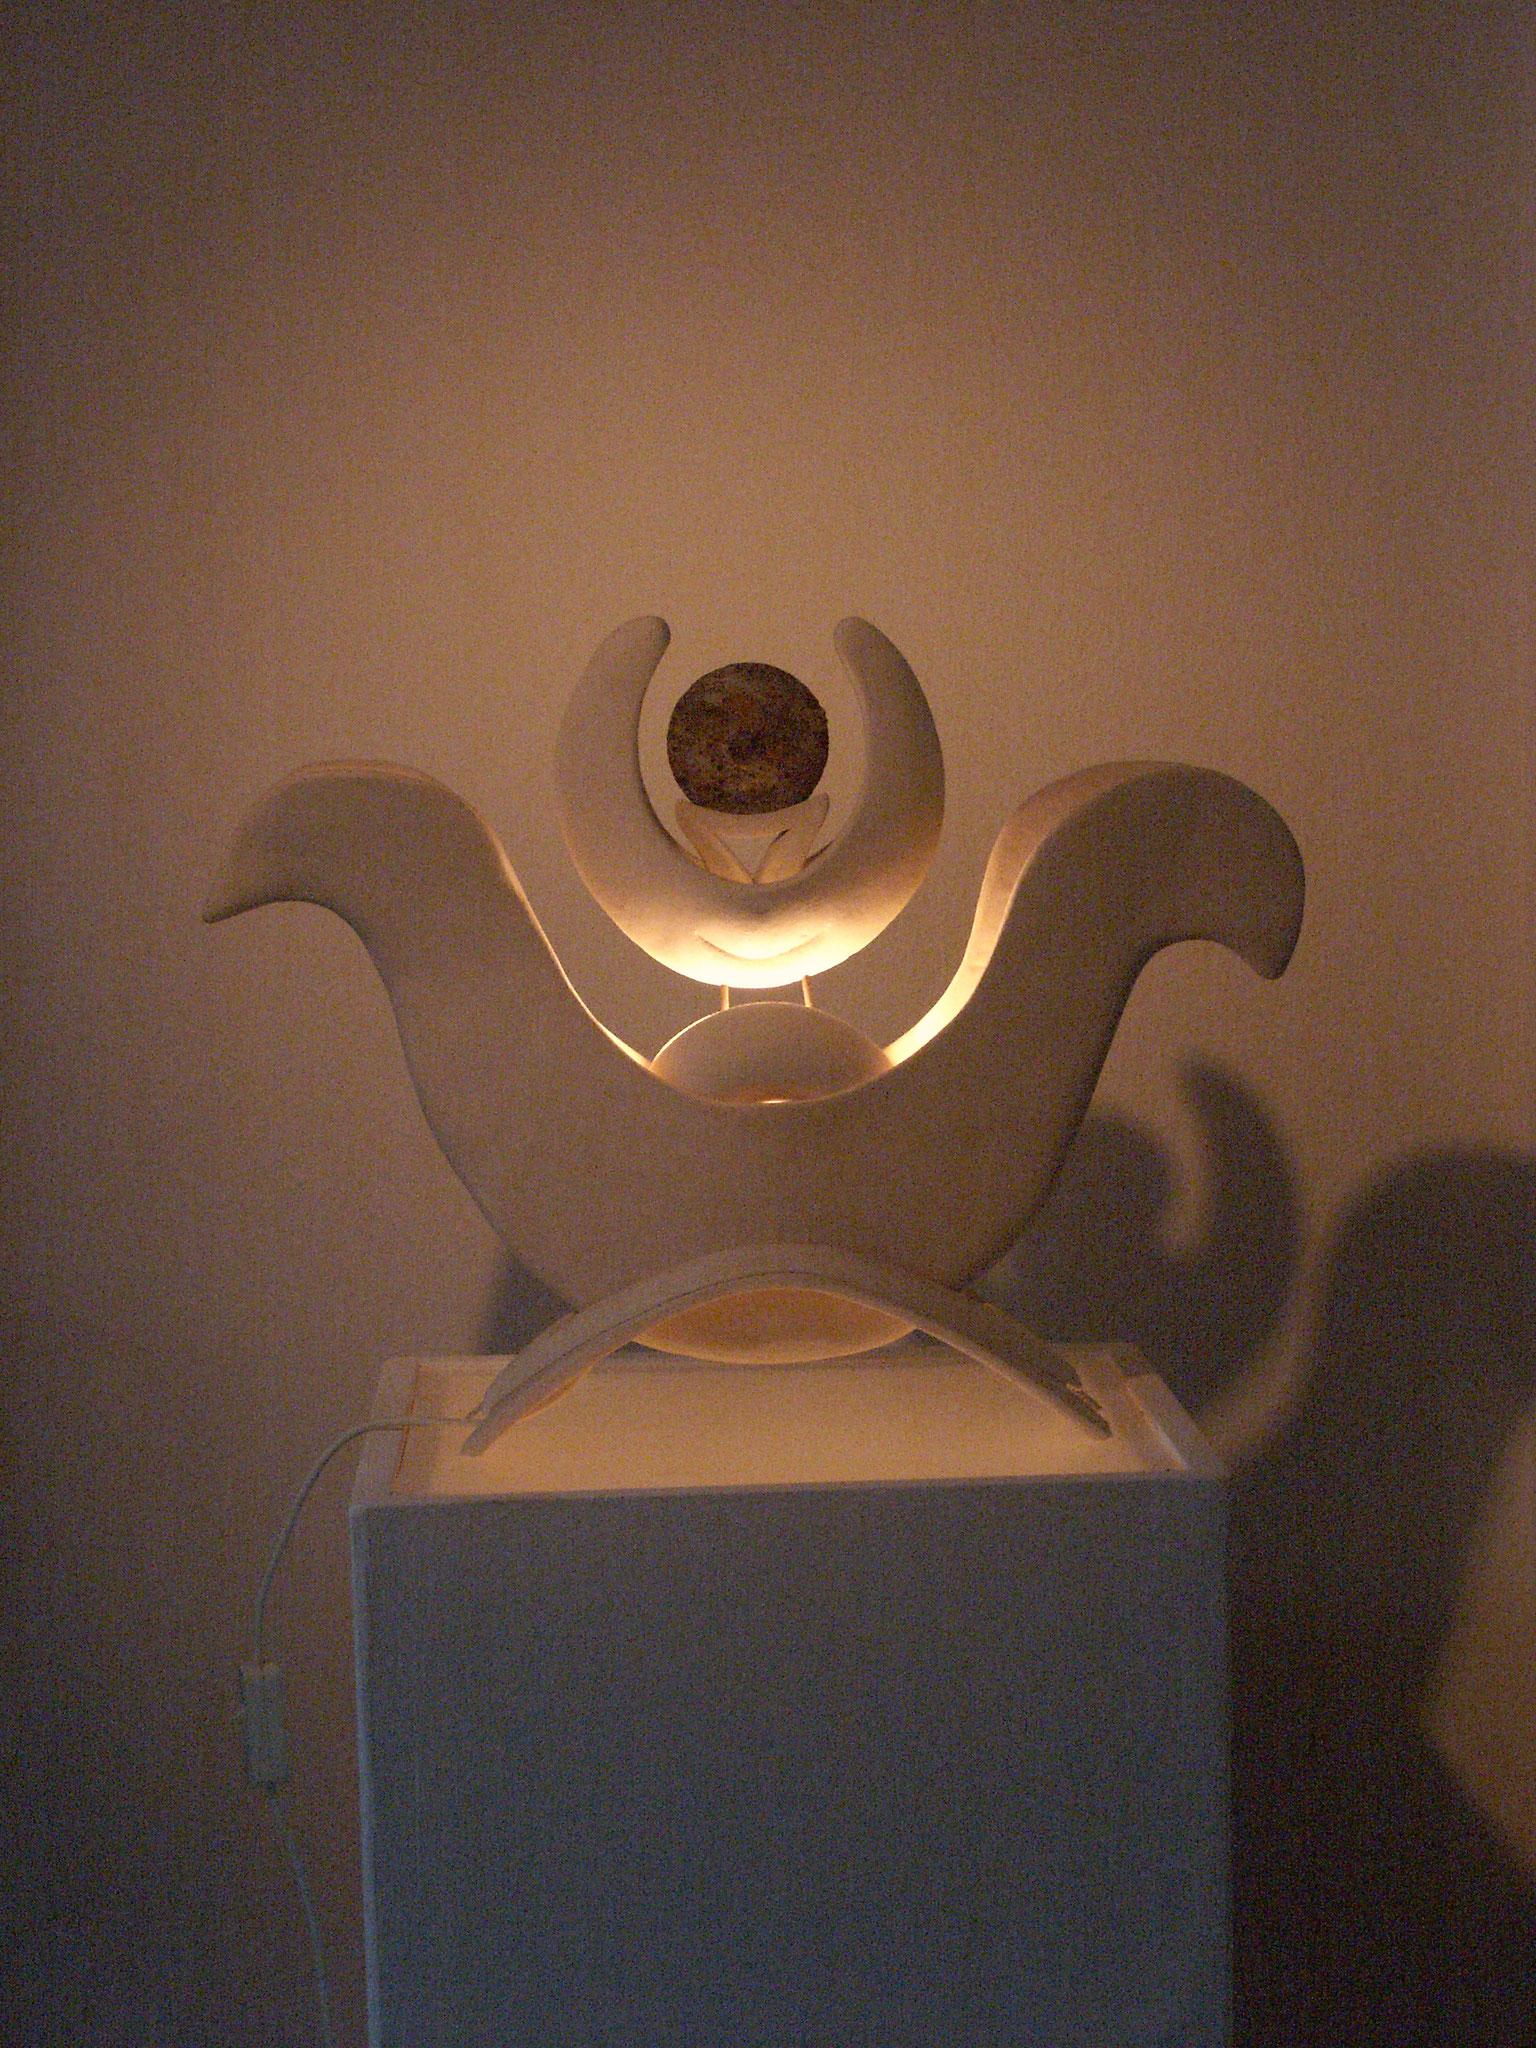 Sonne und Monde, Lichtobjekt, Kraftobjekte Wolfgang Wallner Hall in Tirol